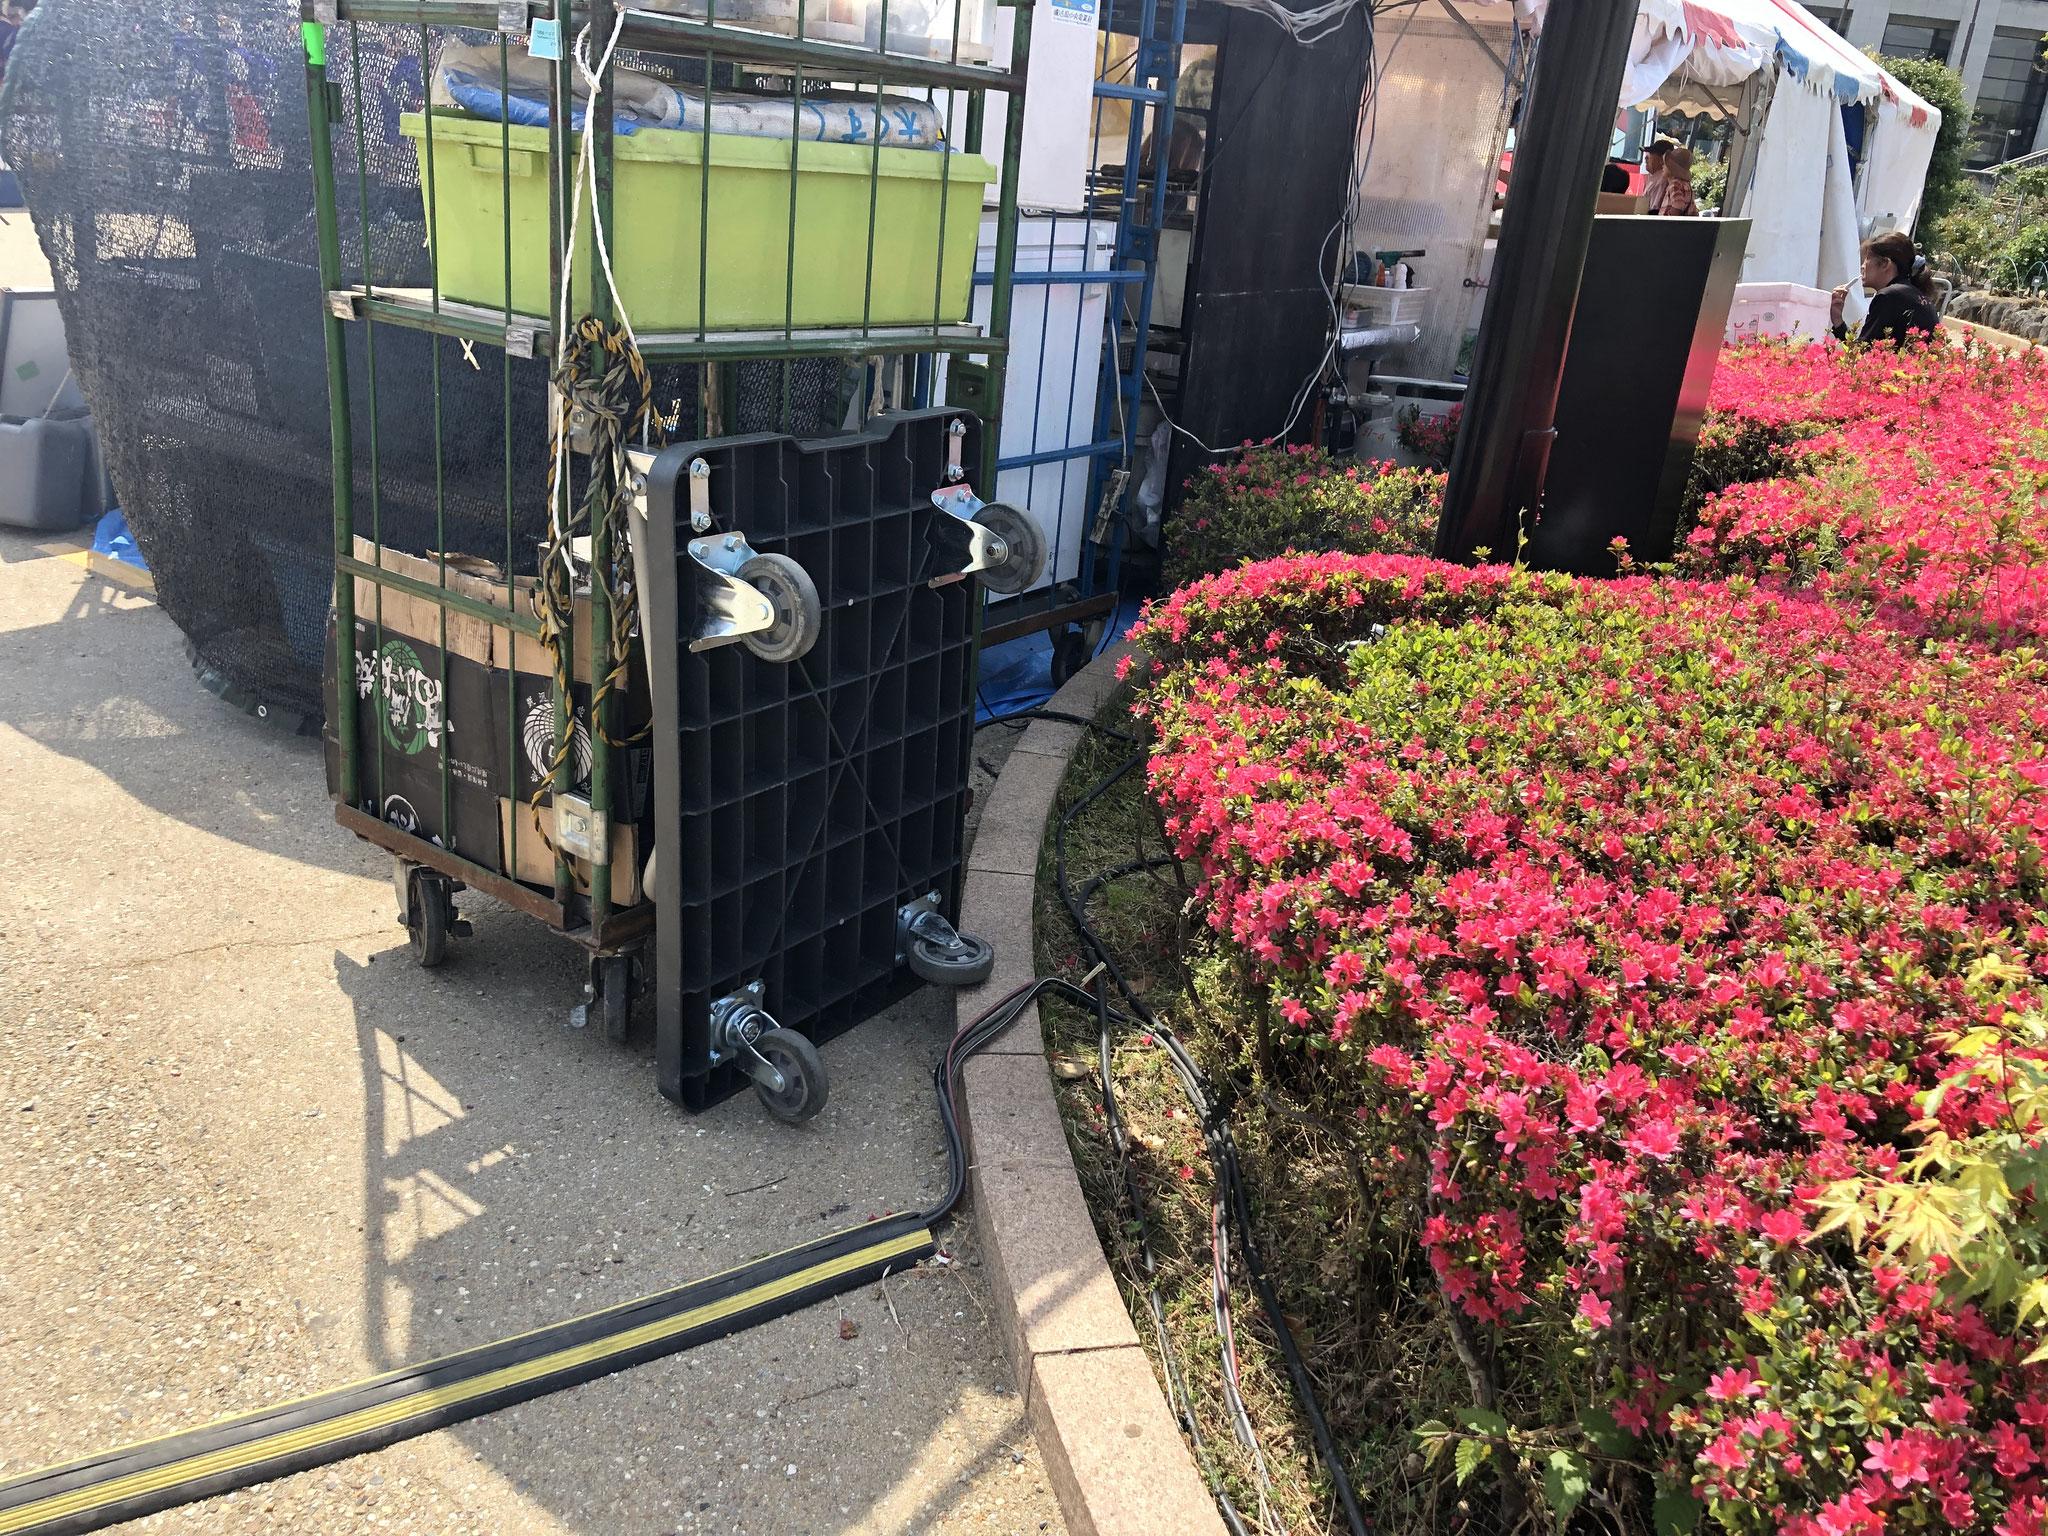 富士市 イベント電気工事 配線工事 養生 ケーブルプロテクタ